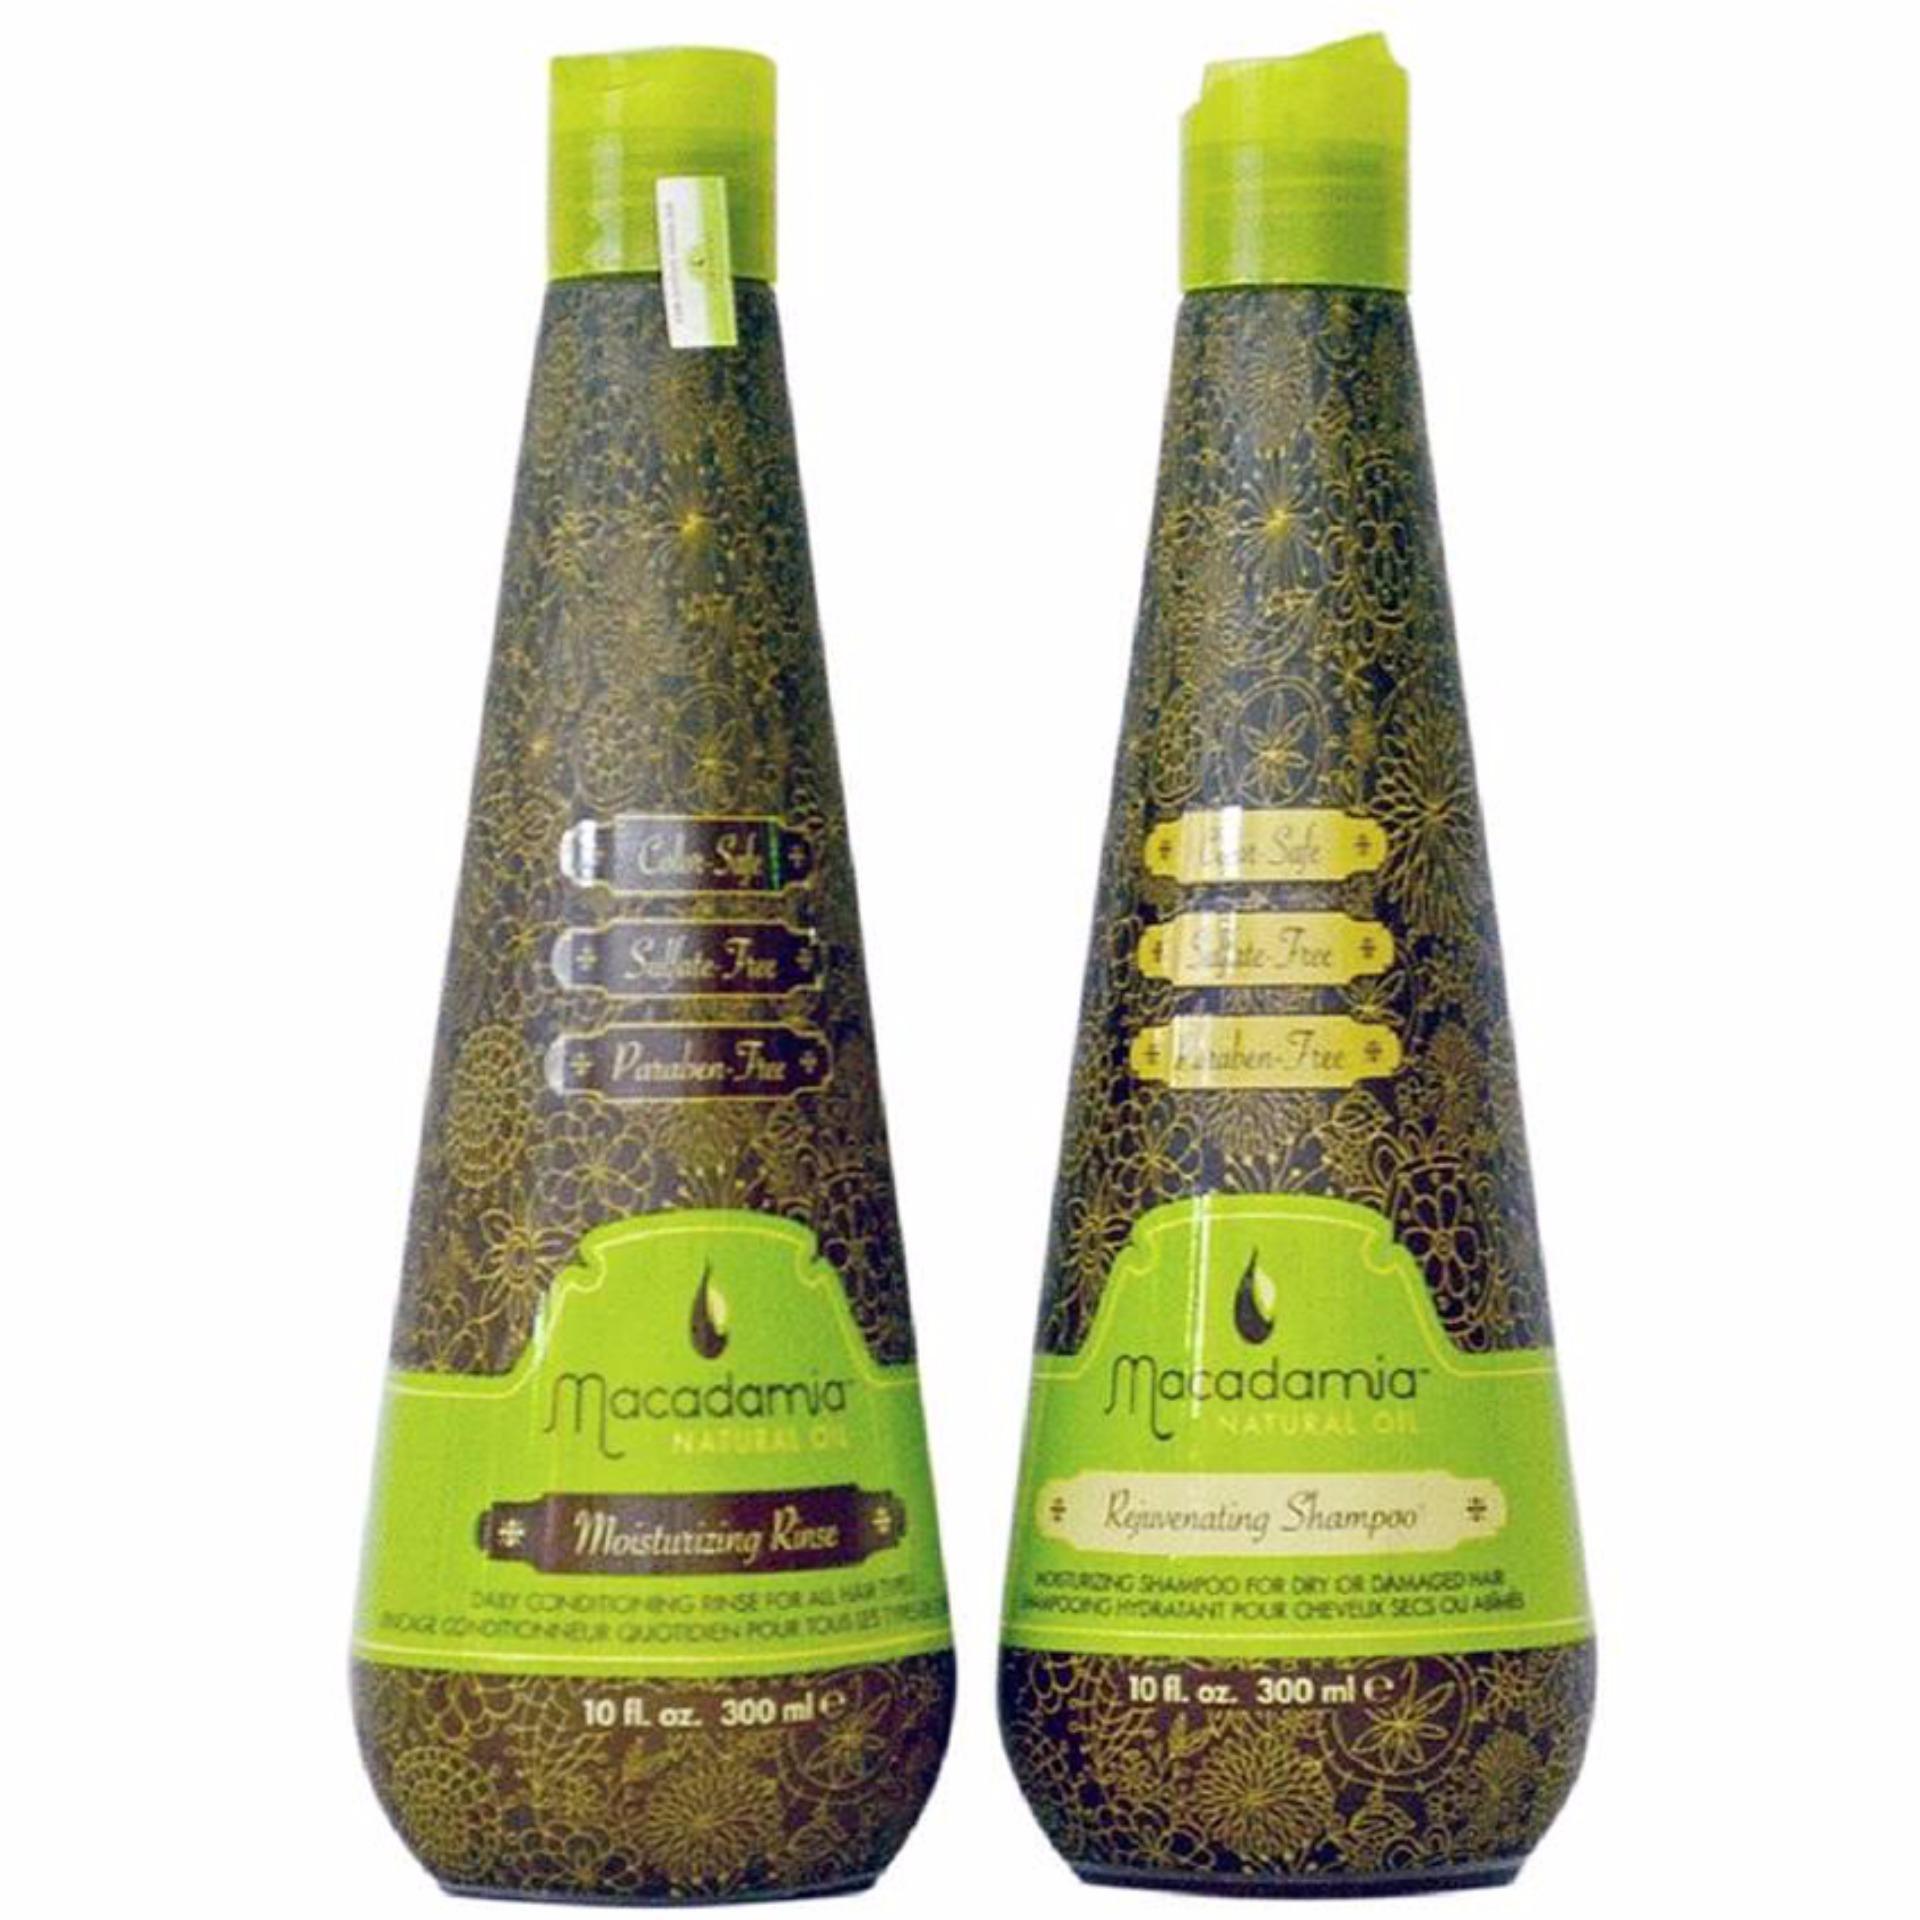 Hình ảnh Cặp dầu gội/xả Macadamia siêu dưỡng ẩm trẻ hóa tóc 1000ml (1 gội + 1 xả)